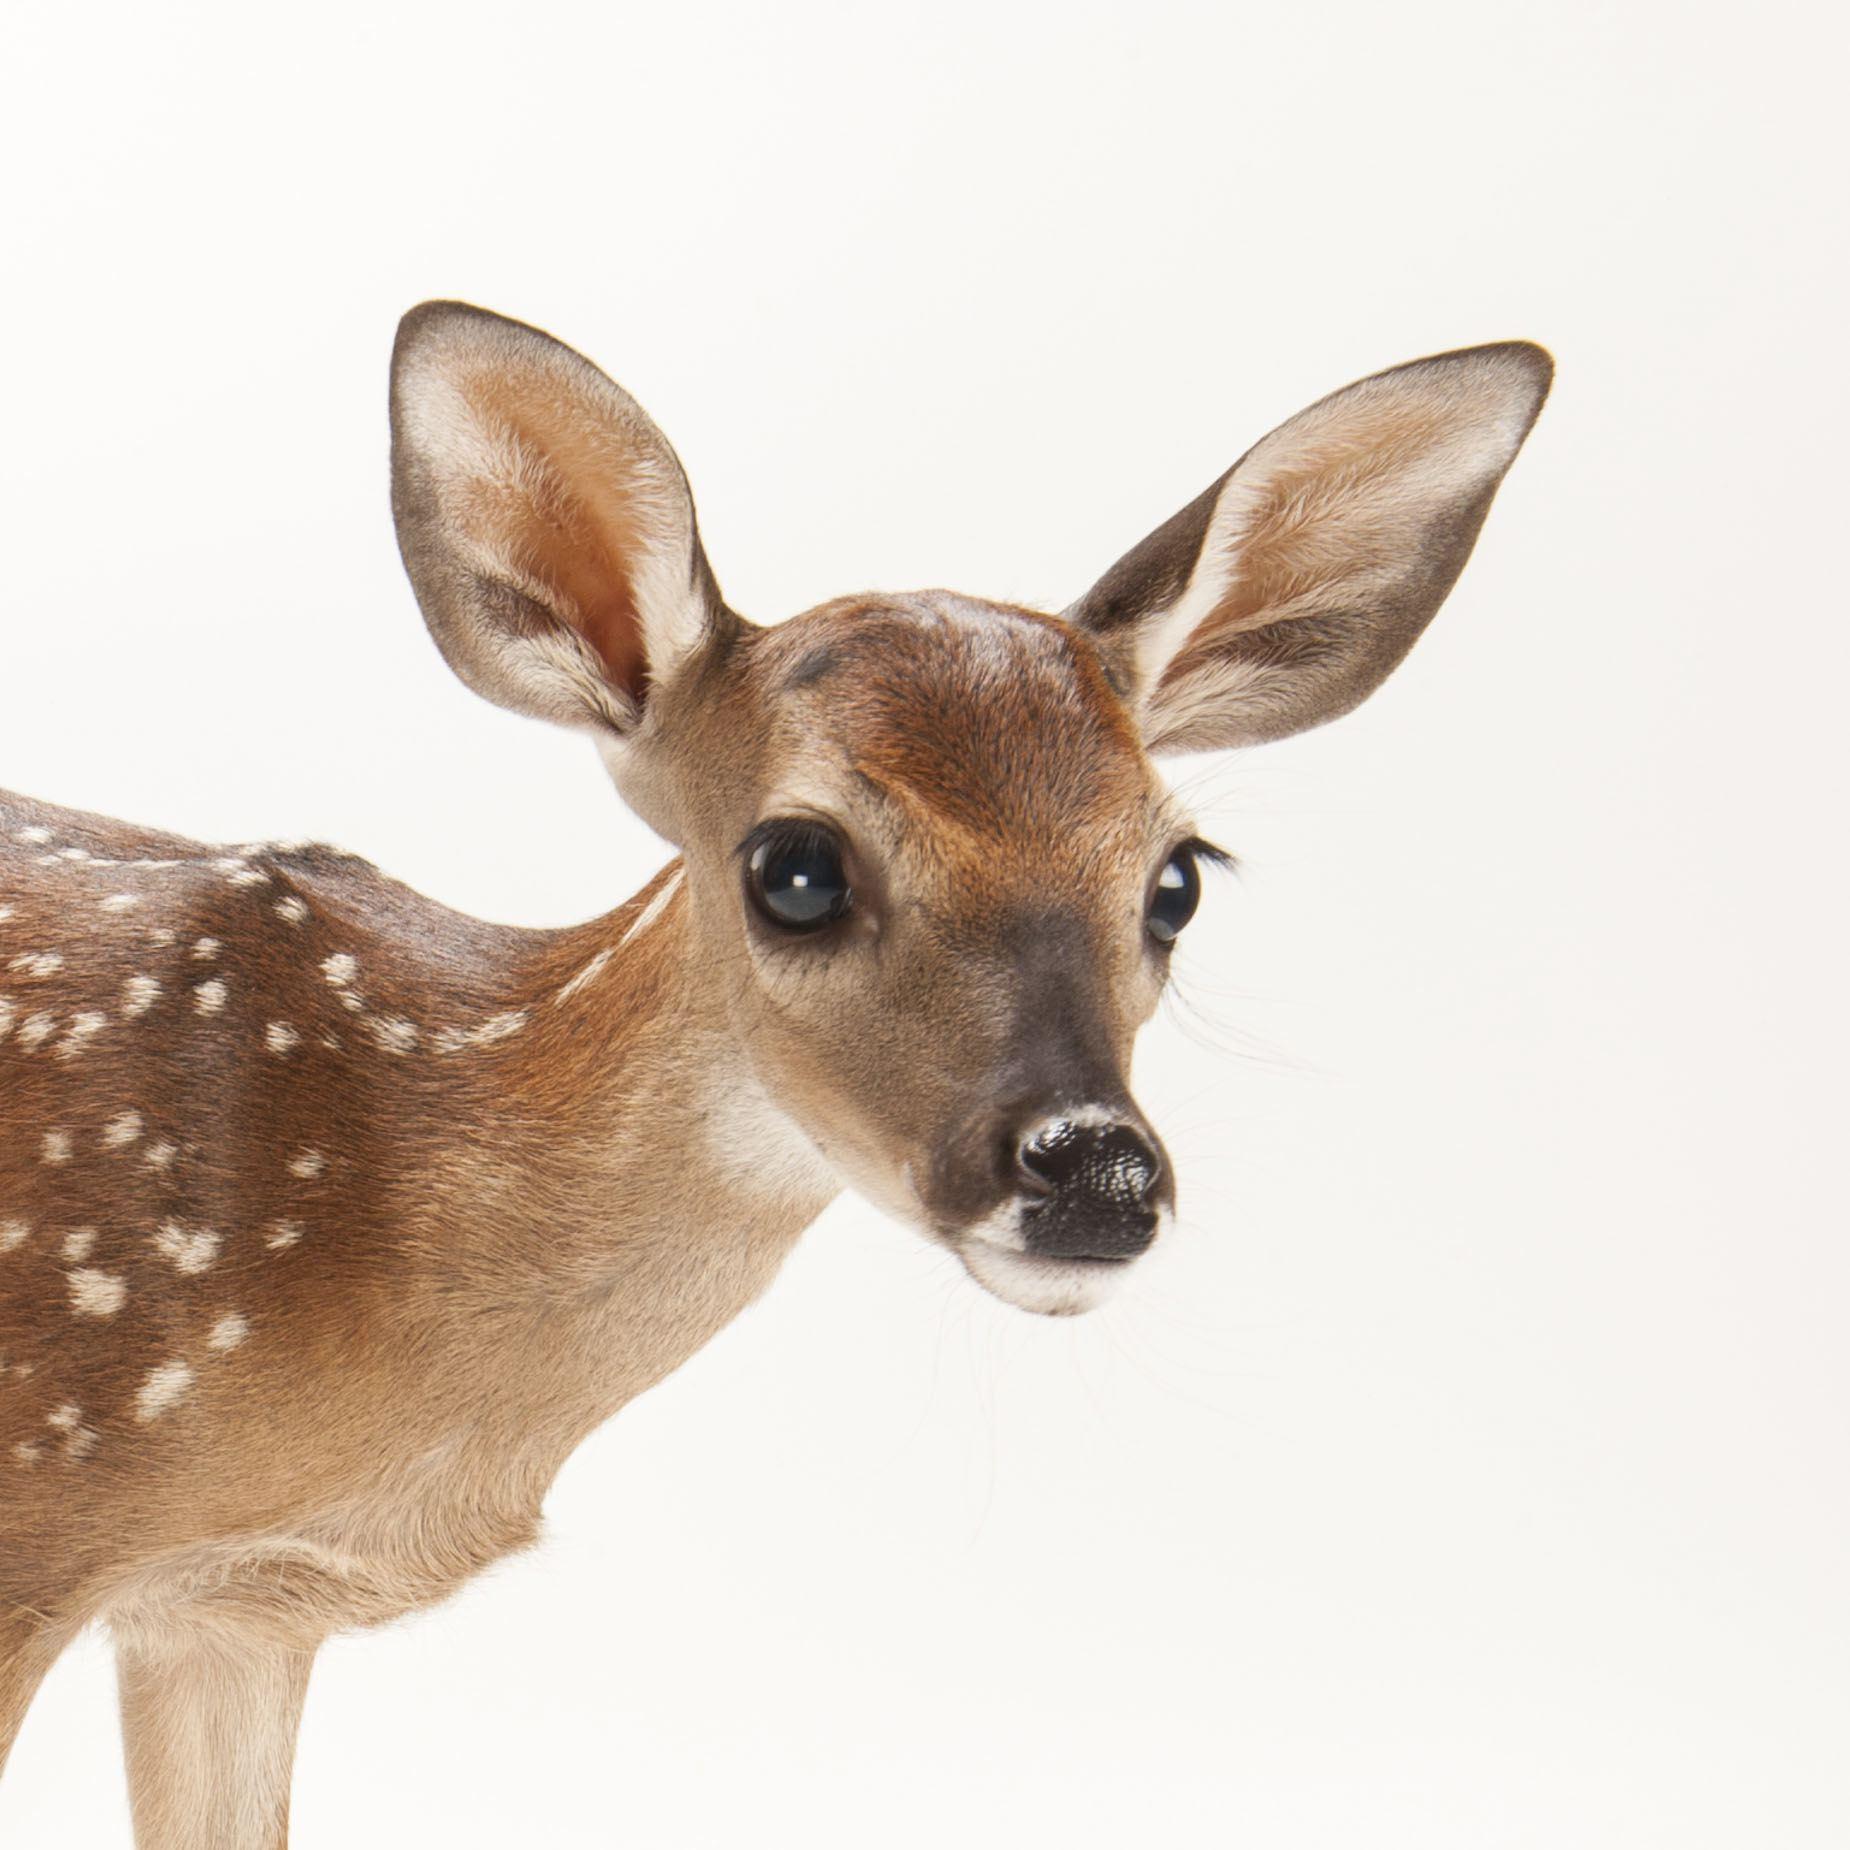 HQ Deer Wallpapers | File 233.05Kb